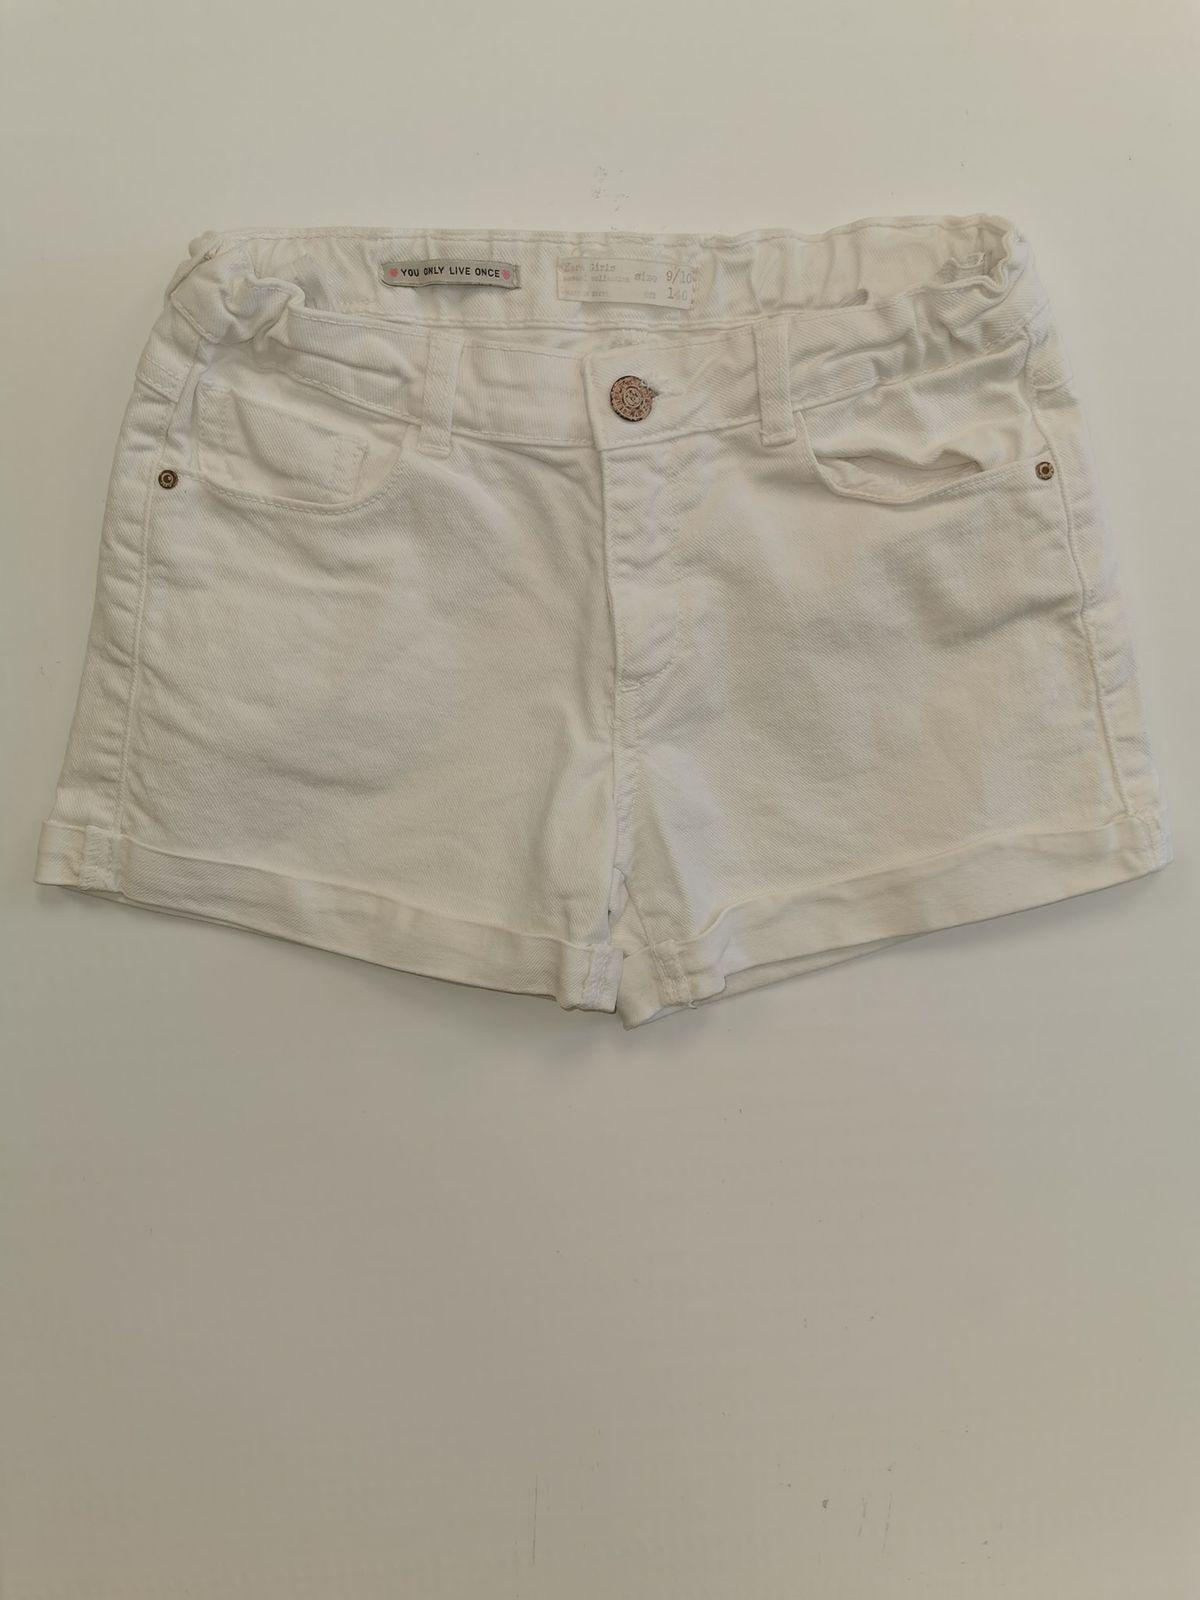 13313. Zara pantaloncino bianco 9/10 anni Euro 6,90